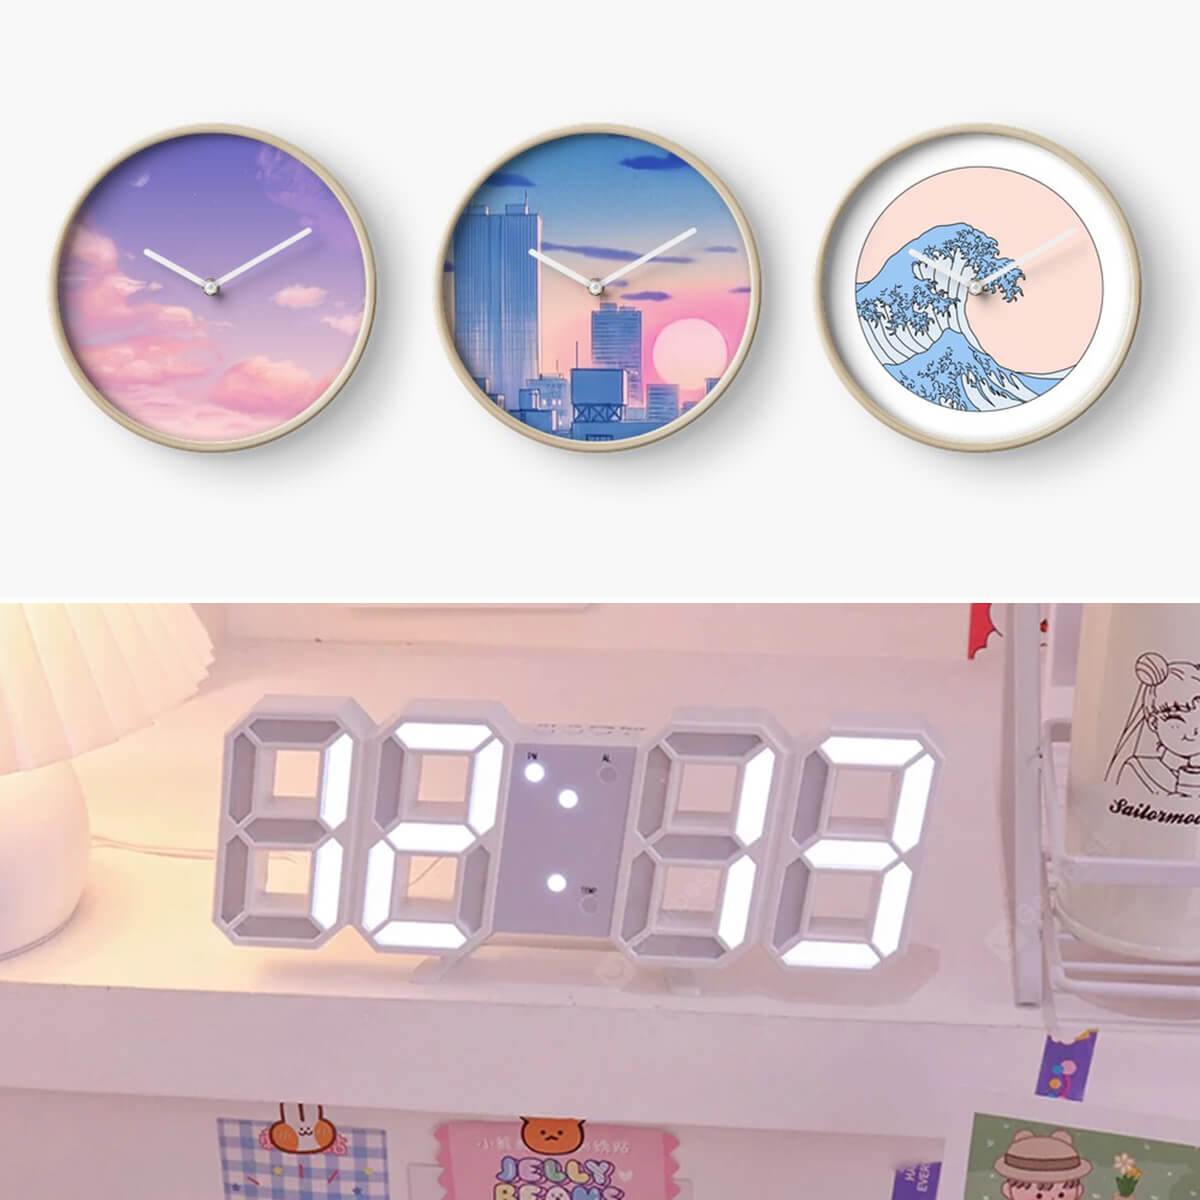 Aesthetic Desk Clocks